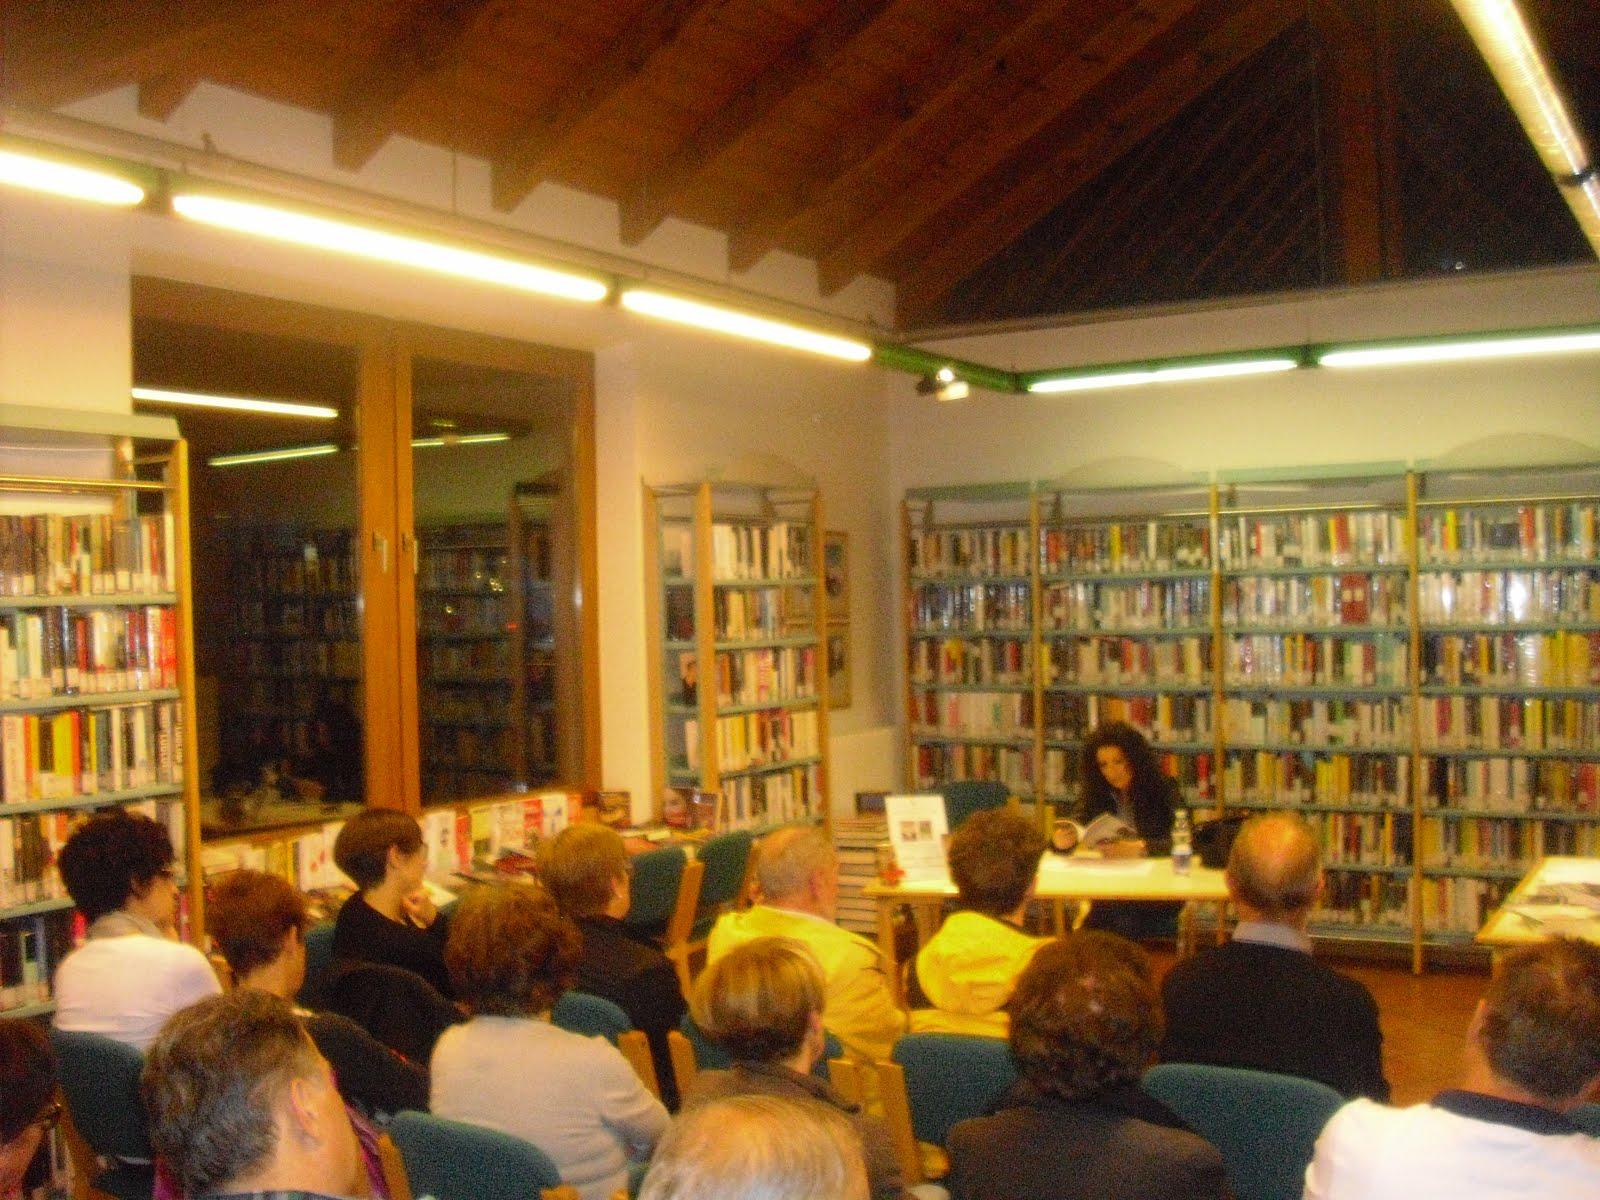 Presentazione libri Agata e Aughen a Mezzana maggio 2018